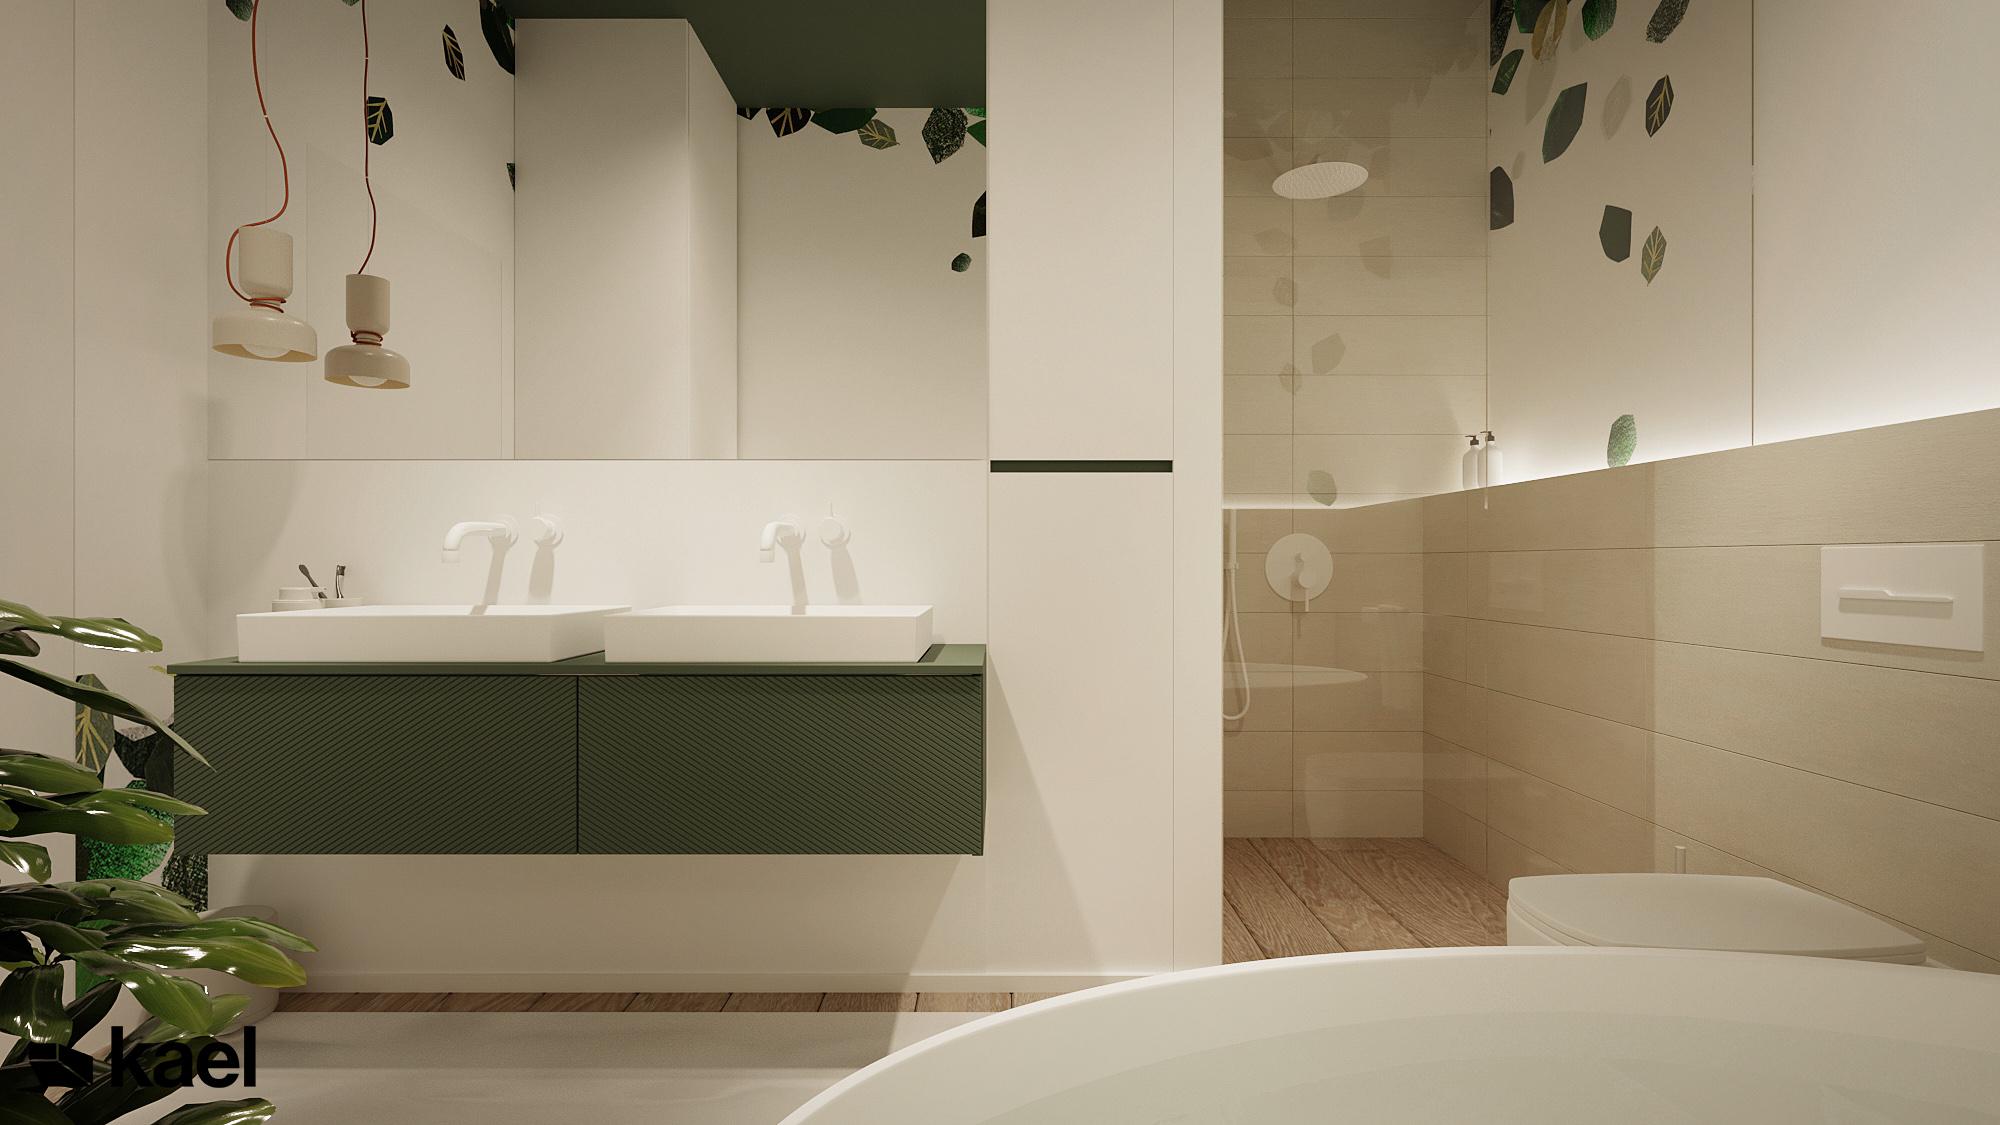 Druga łazienka - Czumy II - projekt wnętrza domu w zabudowie szeregowej - Kael